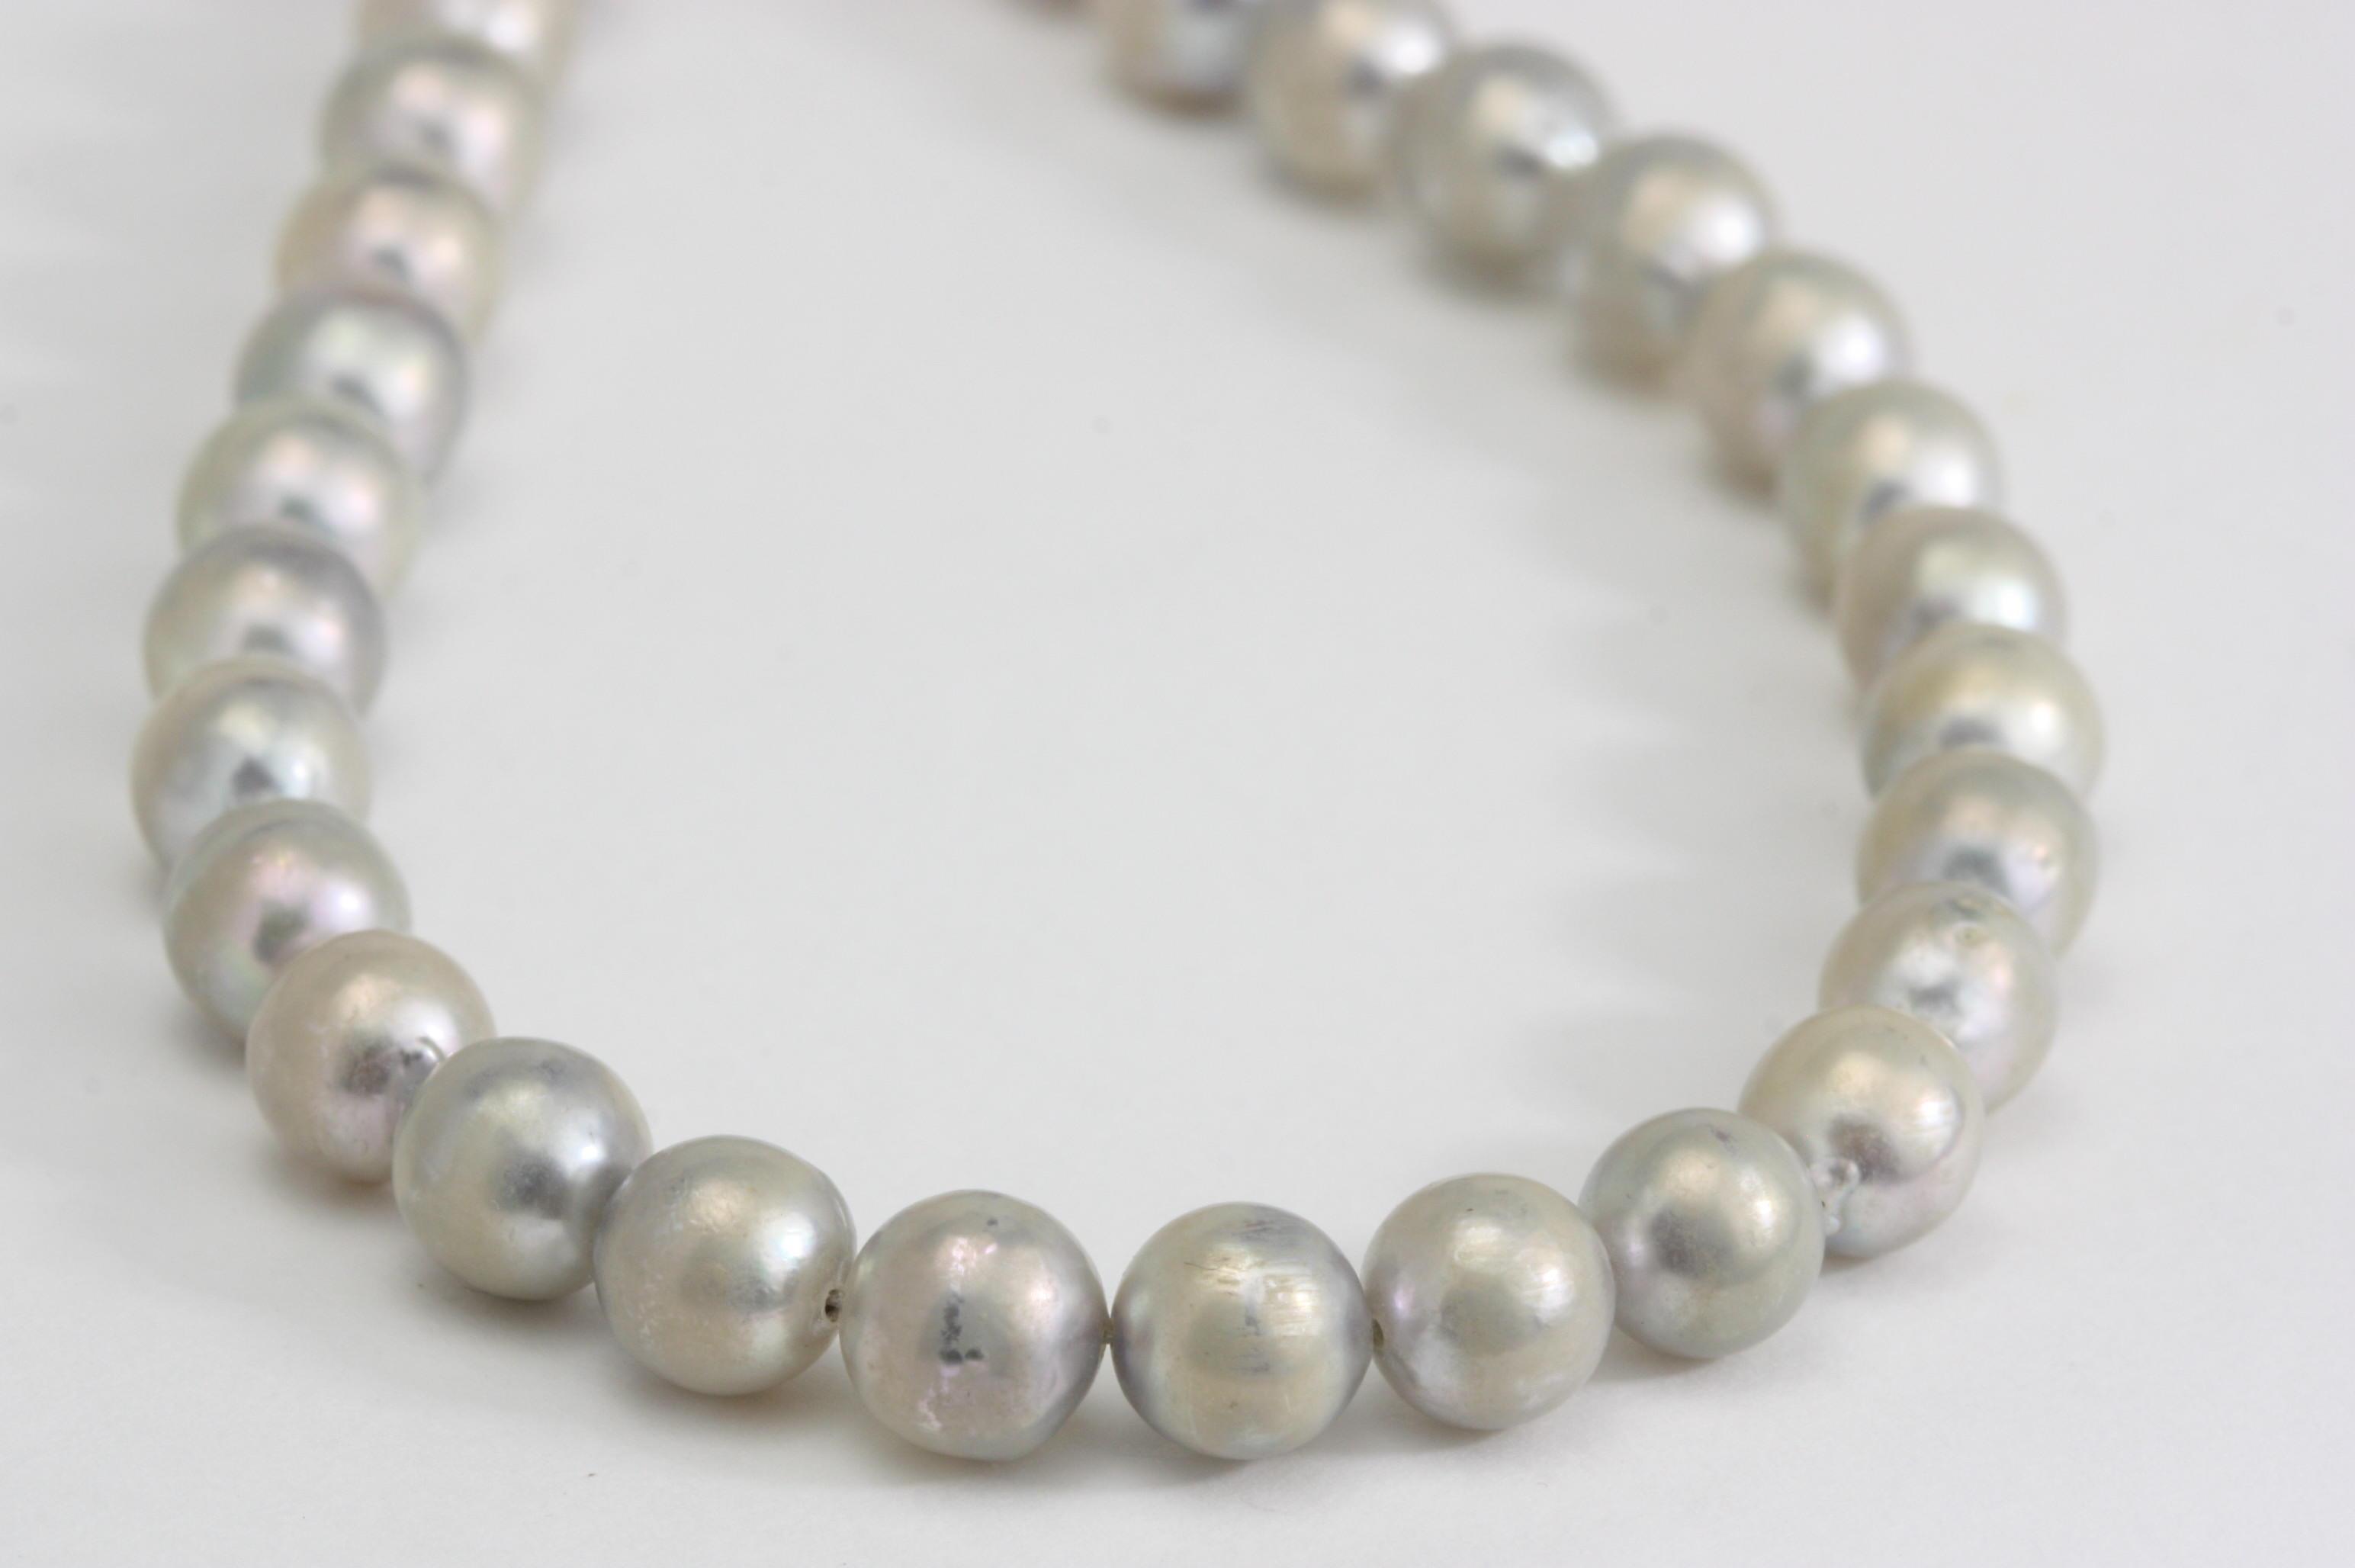 グレイの和珠真珠ネックレスのお掃除と磨き